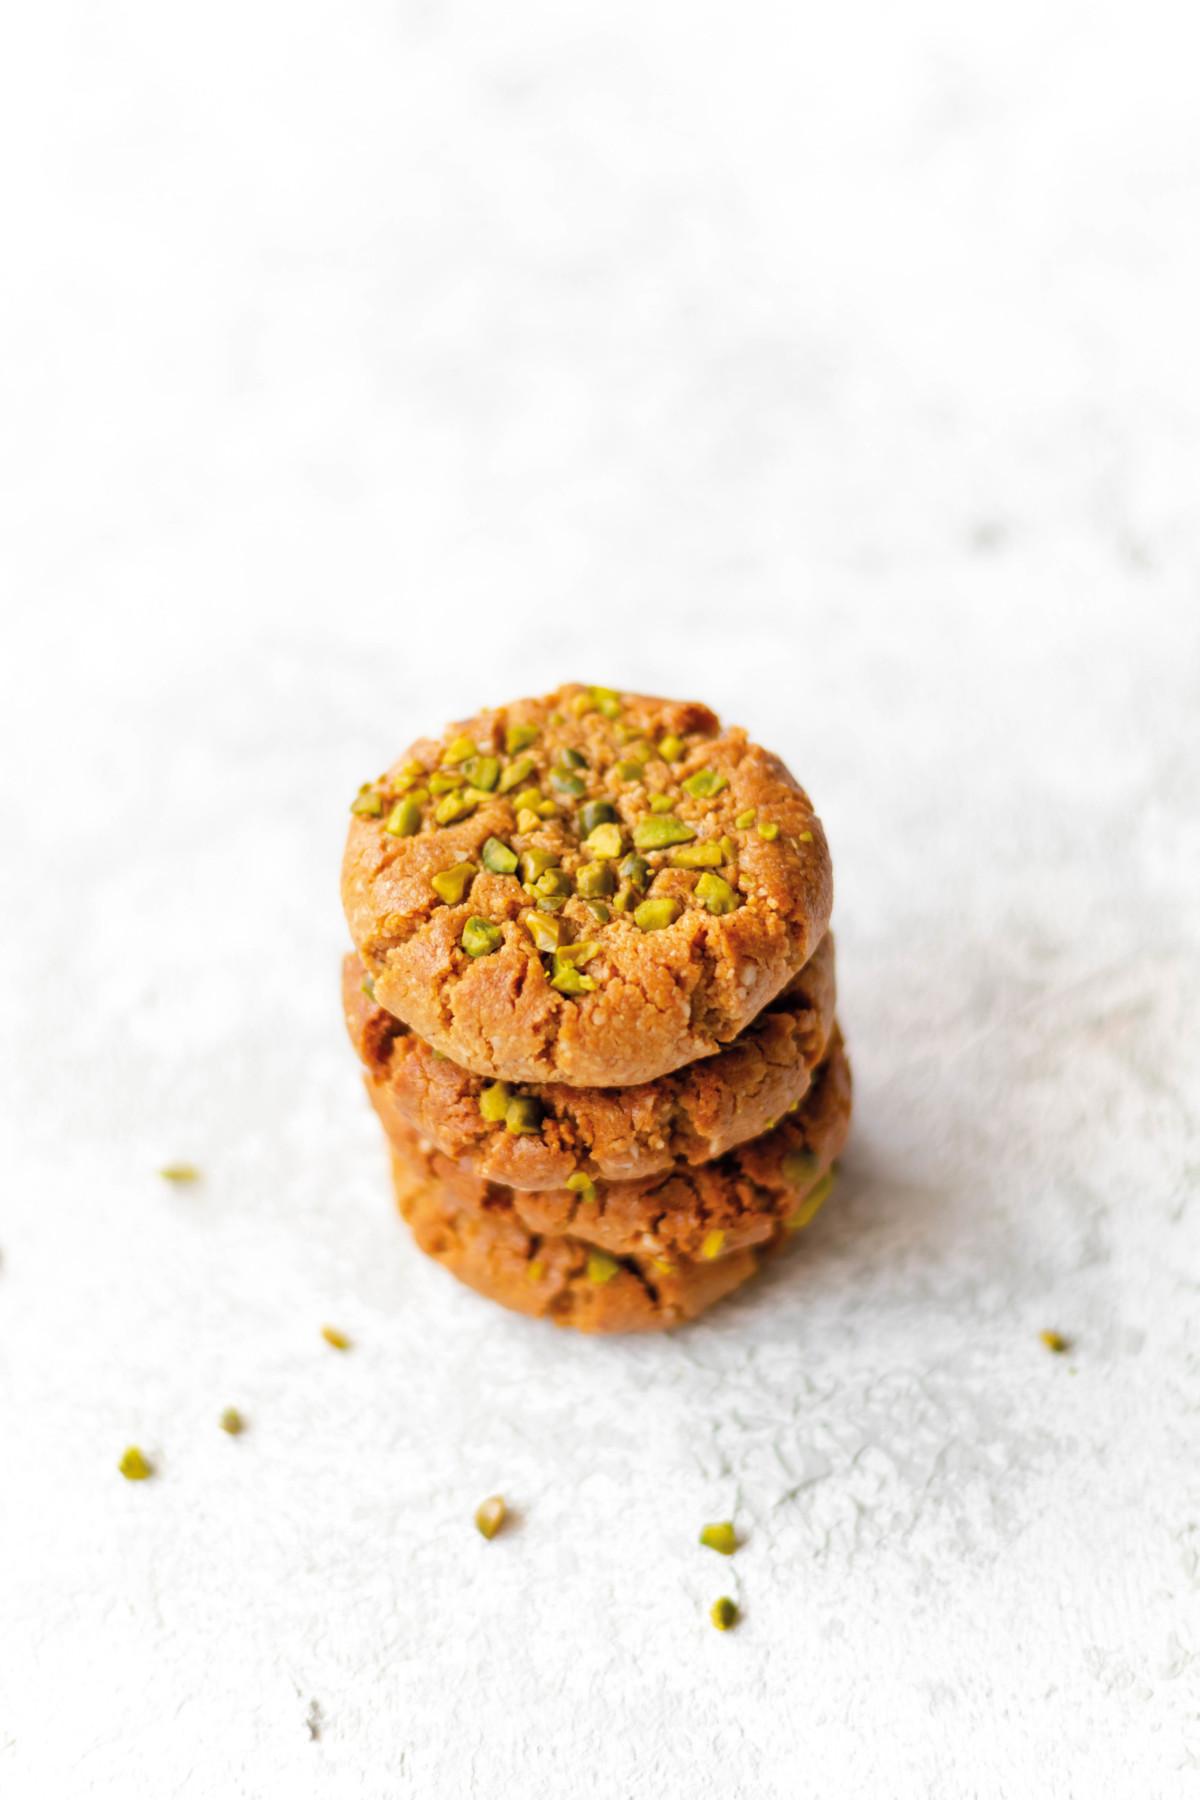 Sesam Cookies mit Pistazien // Sesame Cookies with pistachios by http://babyrockmyday.com/sesam-cookies/